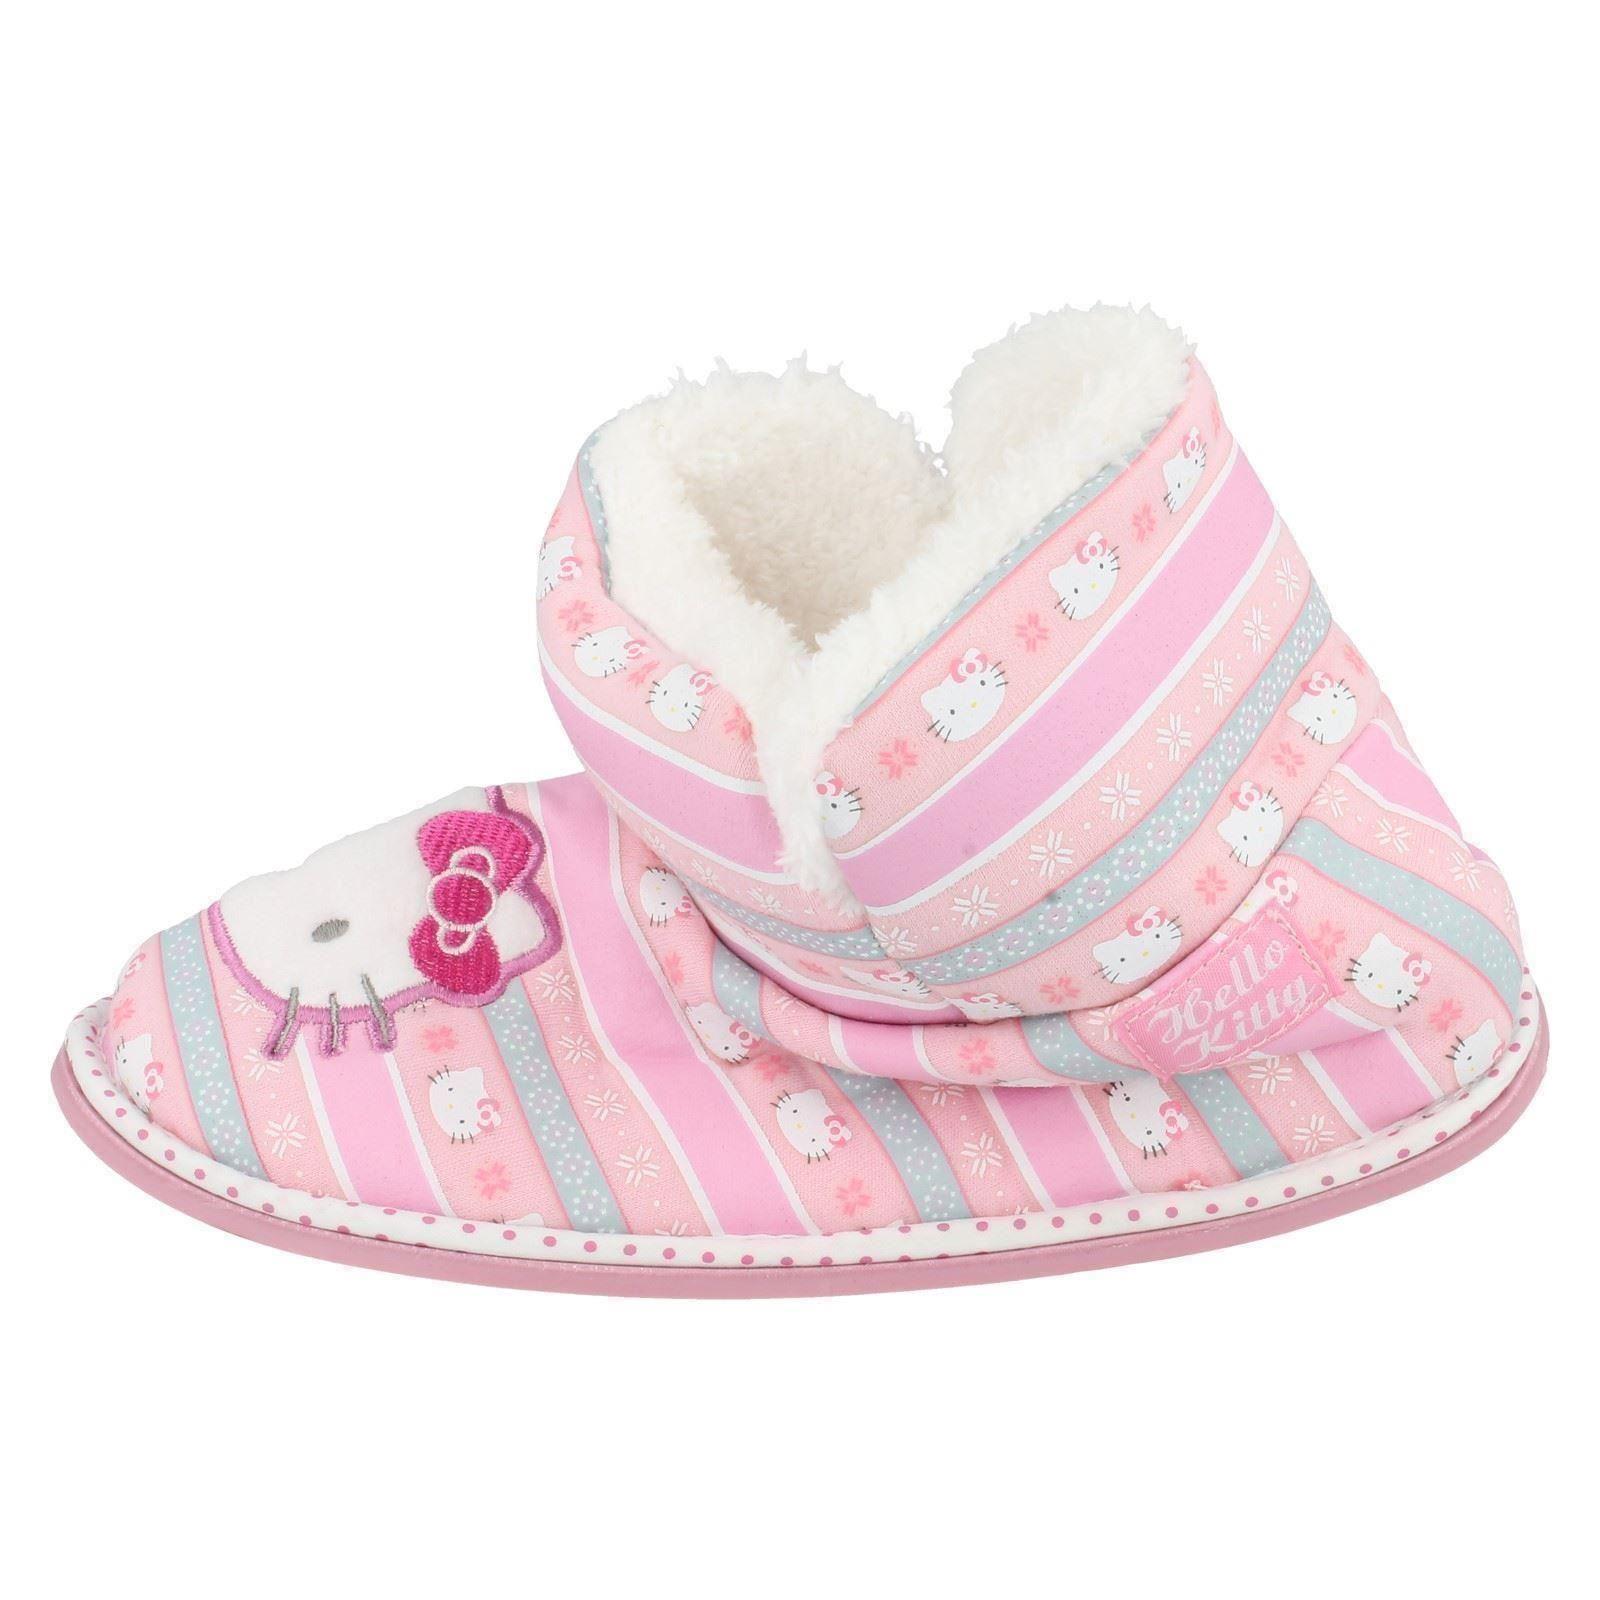 Niñas Hello Kitty Zapatillas Botas Etiqueta 320 / 3193